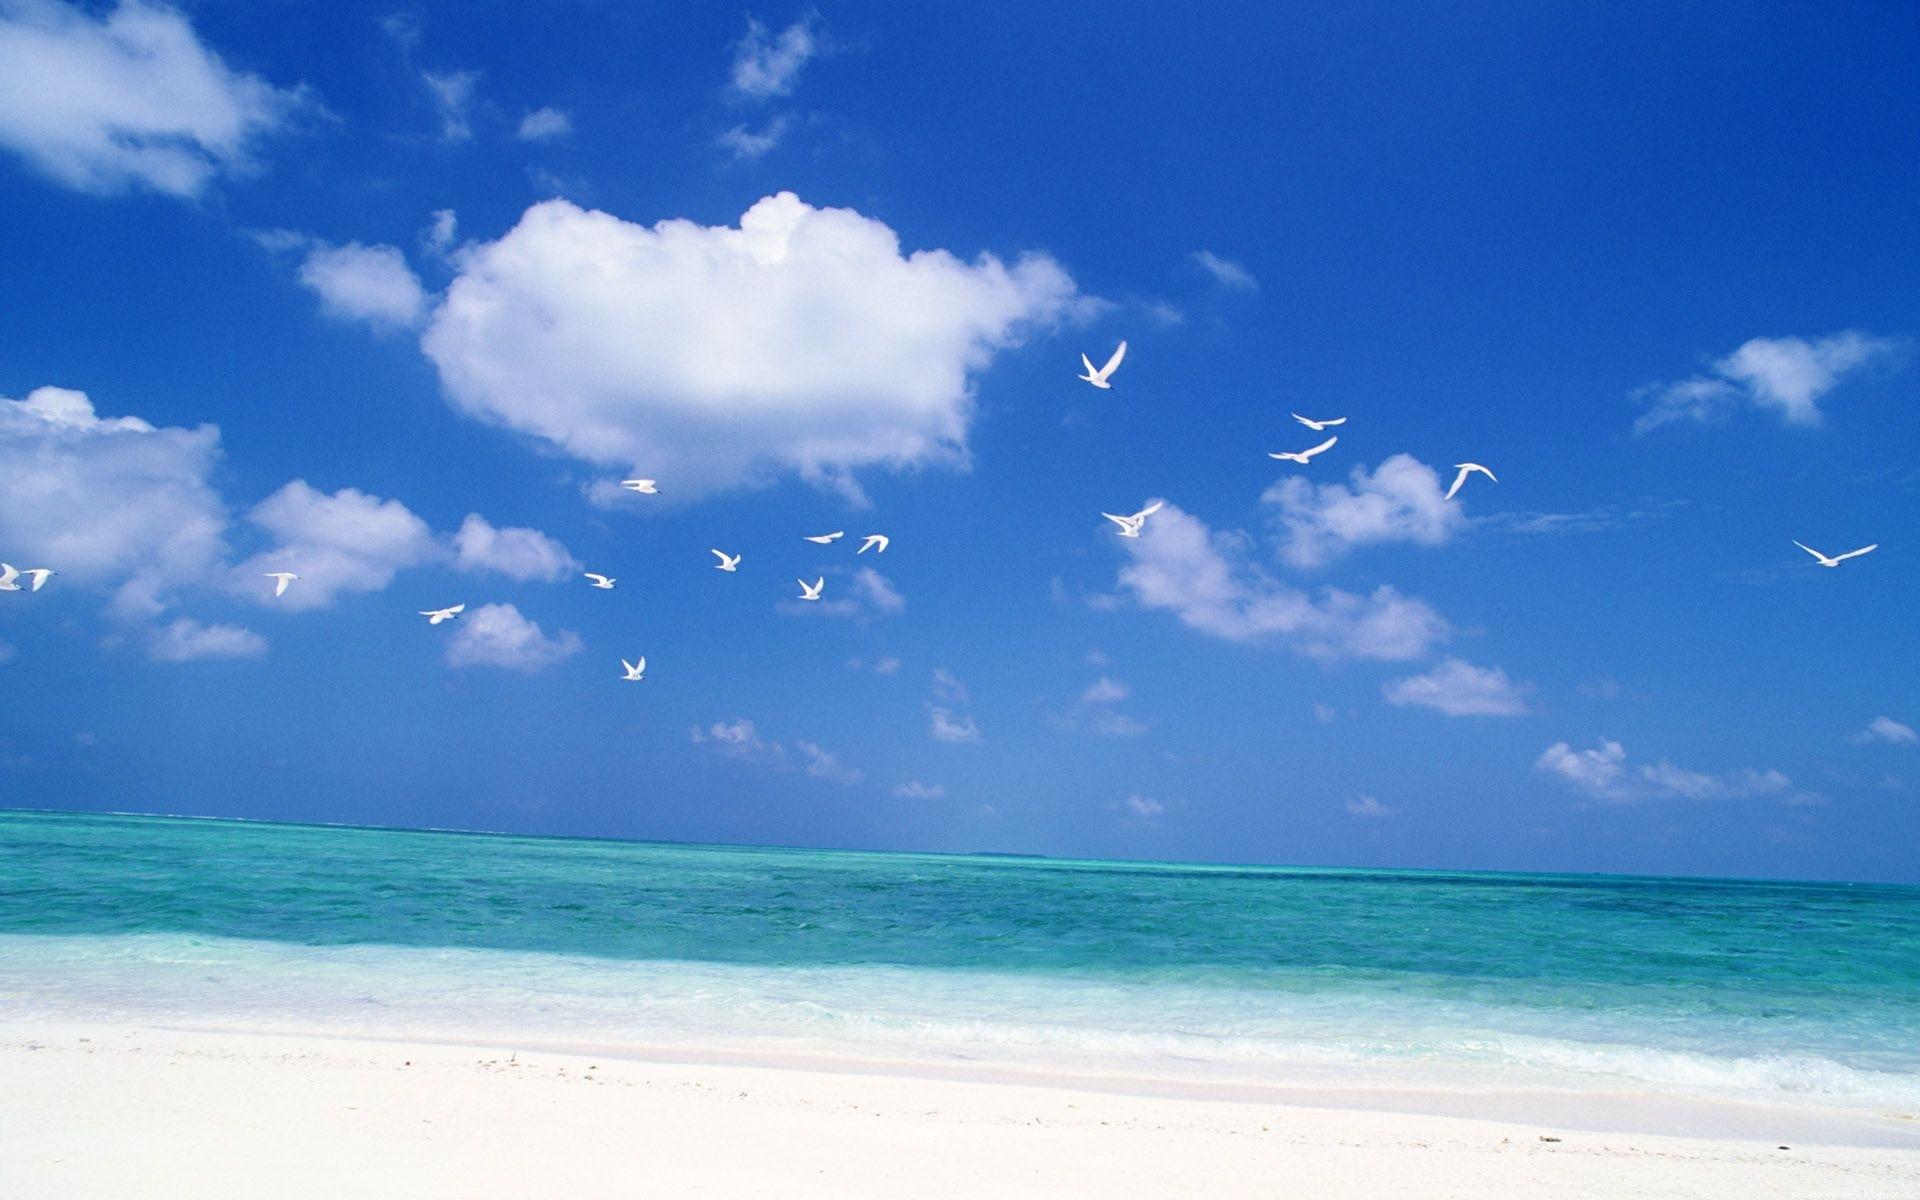 46662 скачать обои Пейзаж, Море - заставки и картинки бесплатно